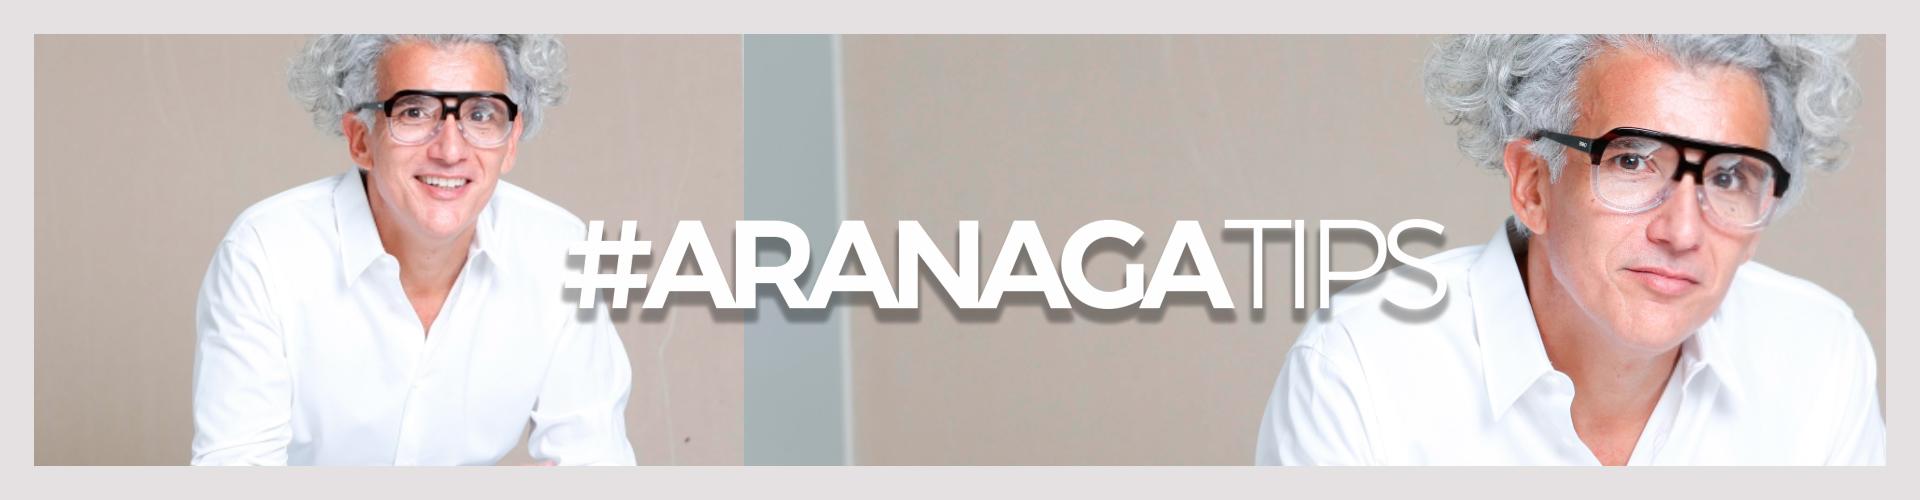 aranaga-tips